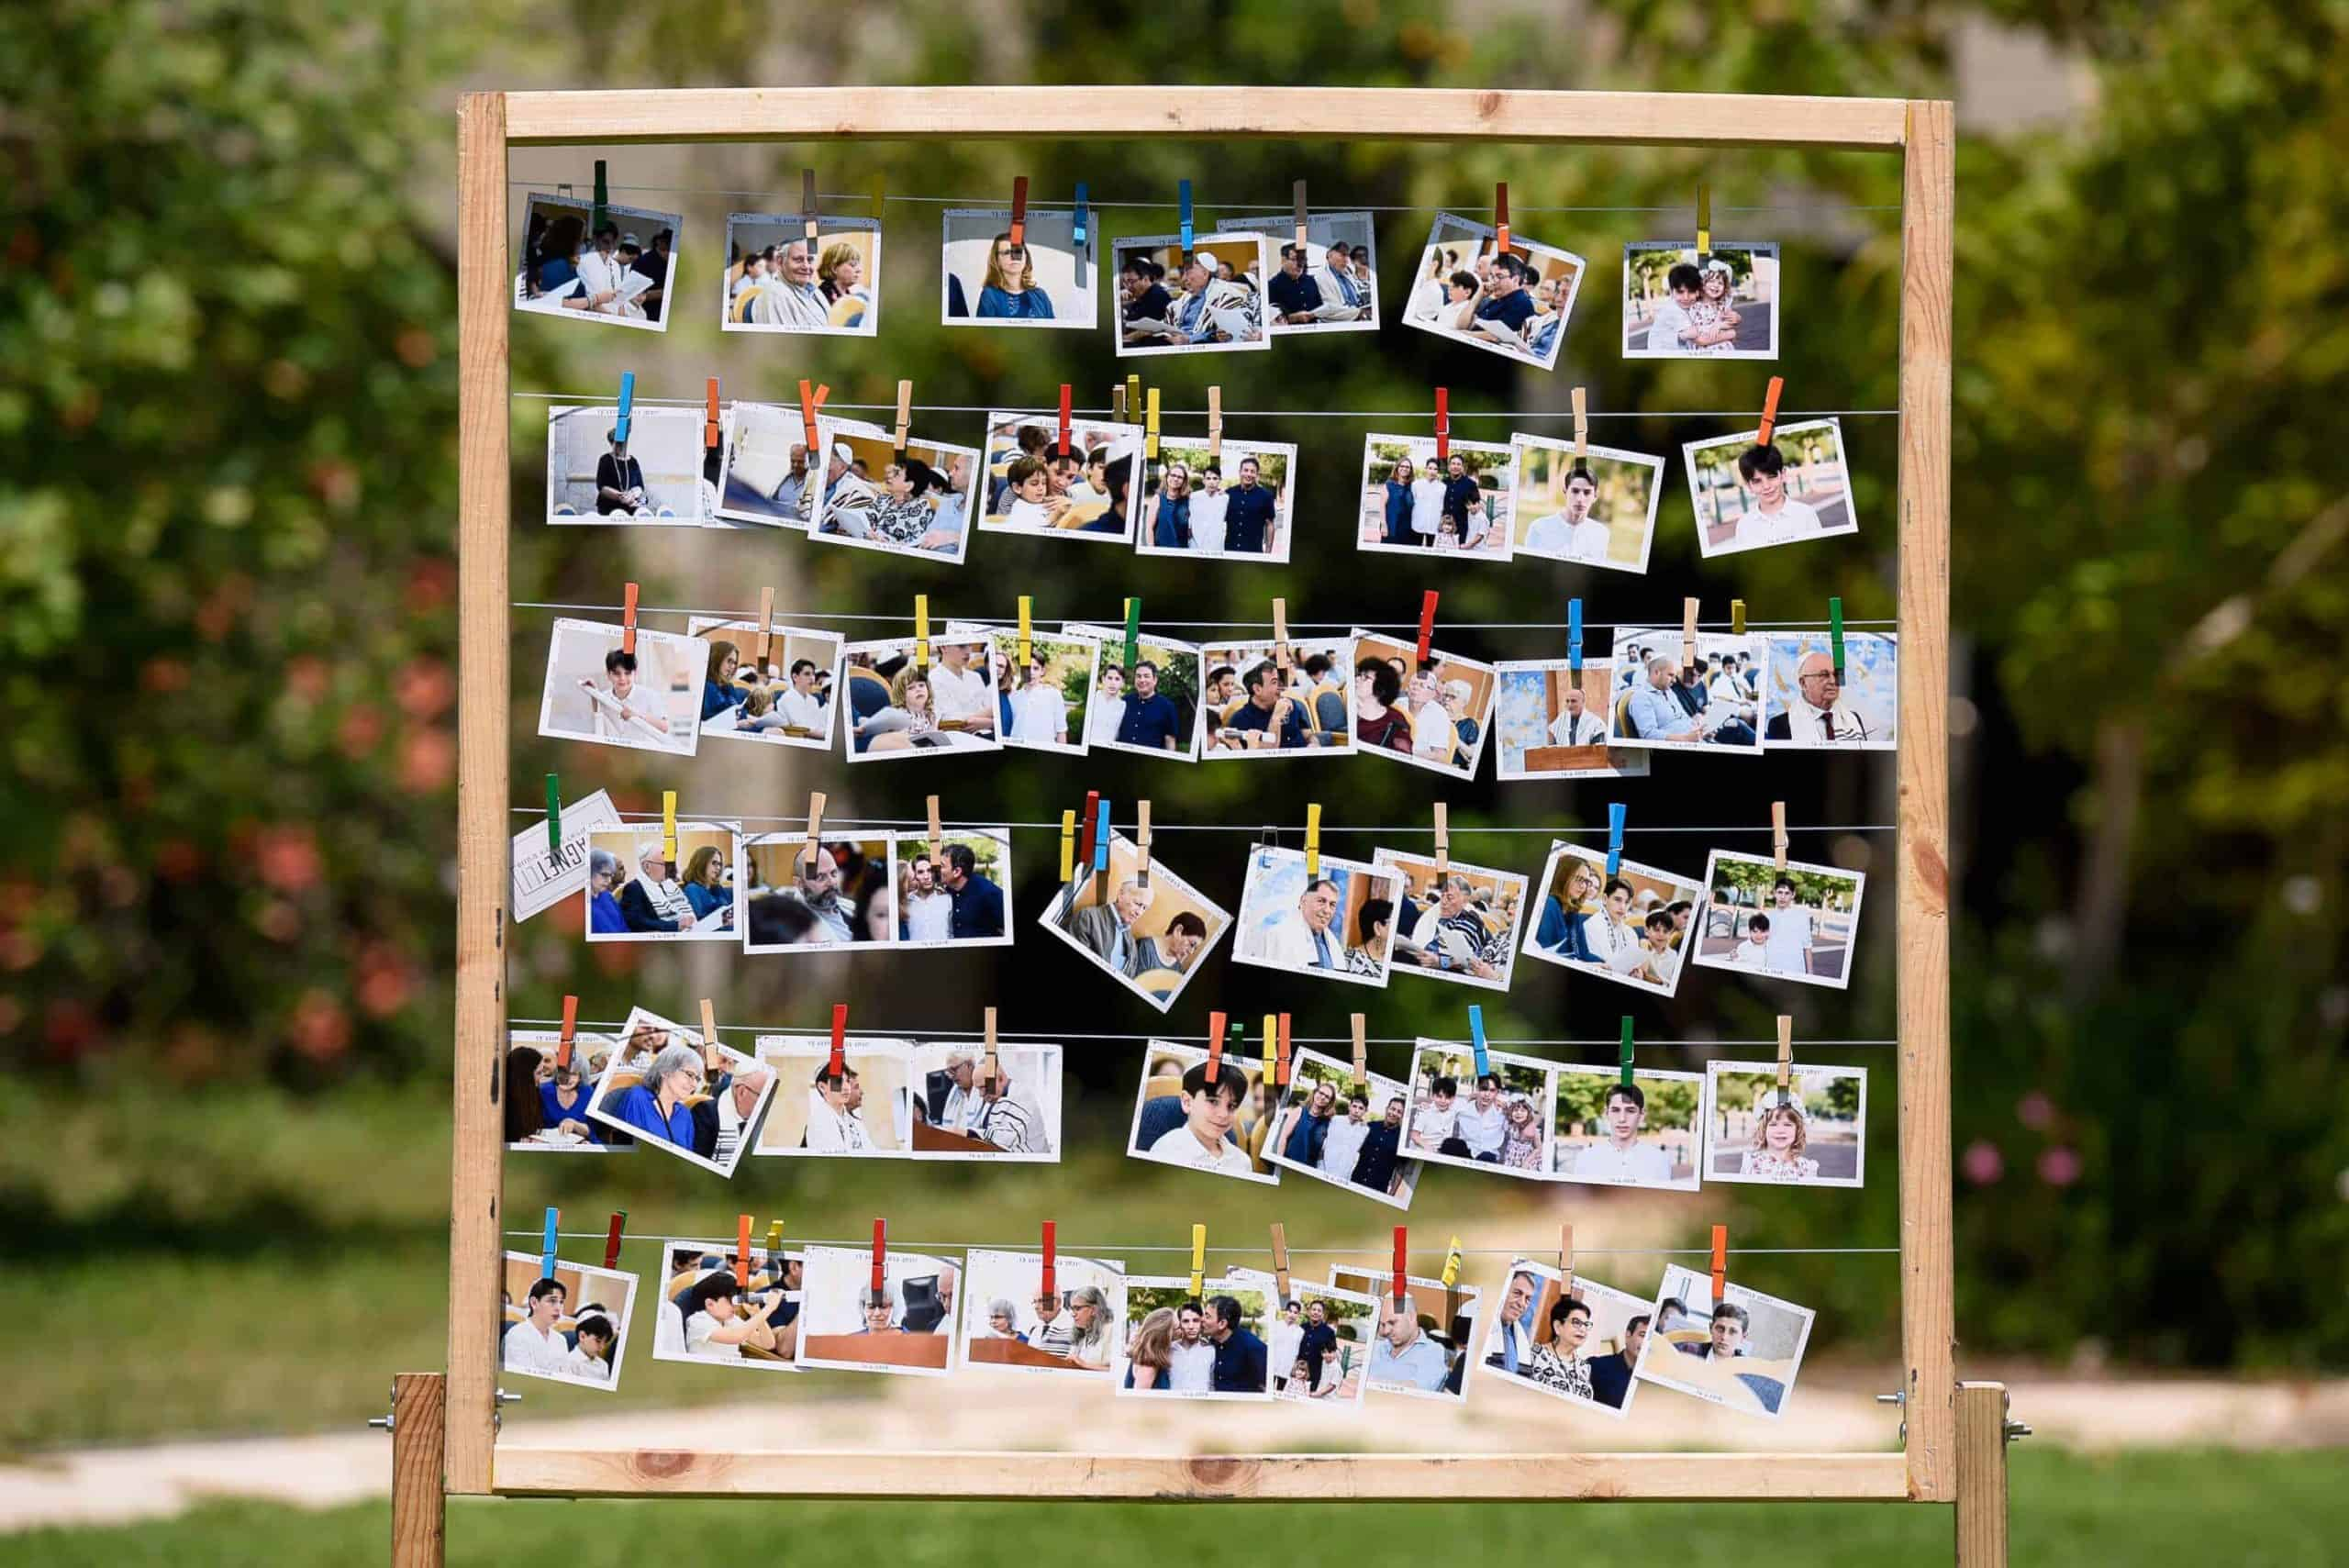 צלם מגנטים לאירועים   מגנטים לחתונה   מגנטים לאירועים   צילום מגנטים לאירועים